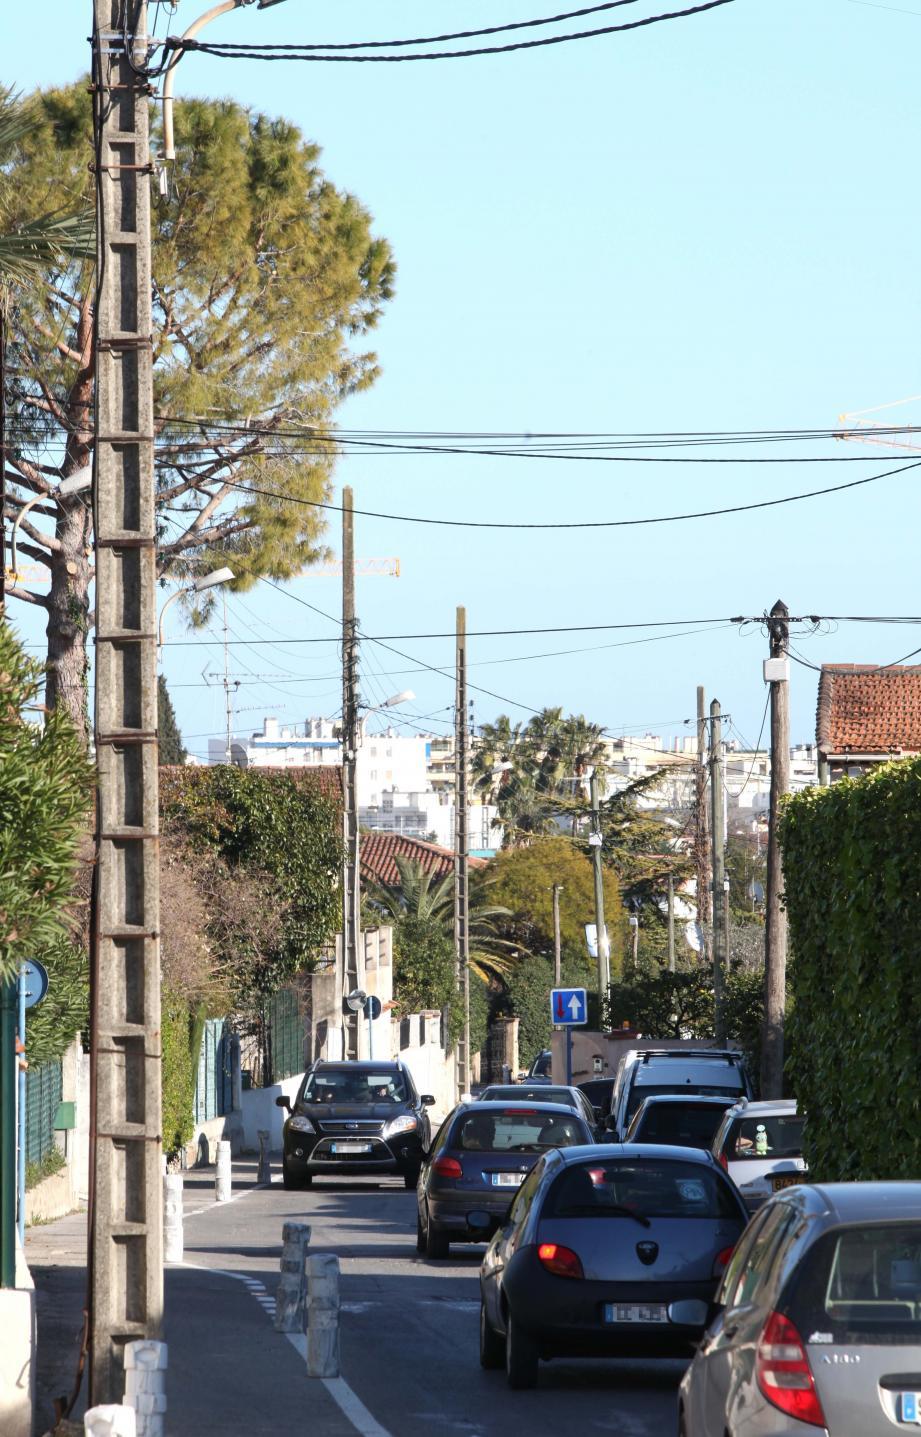 Moins de 50 % des riverains y sont favorables selon un sondage mené dans le quartier.